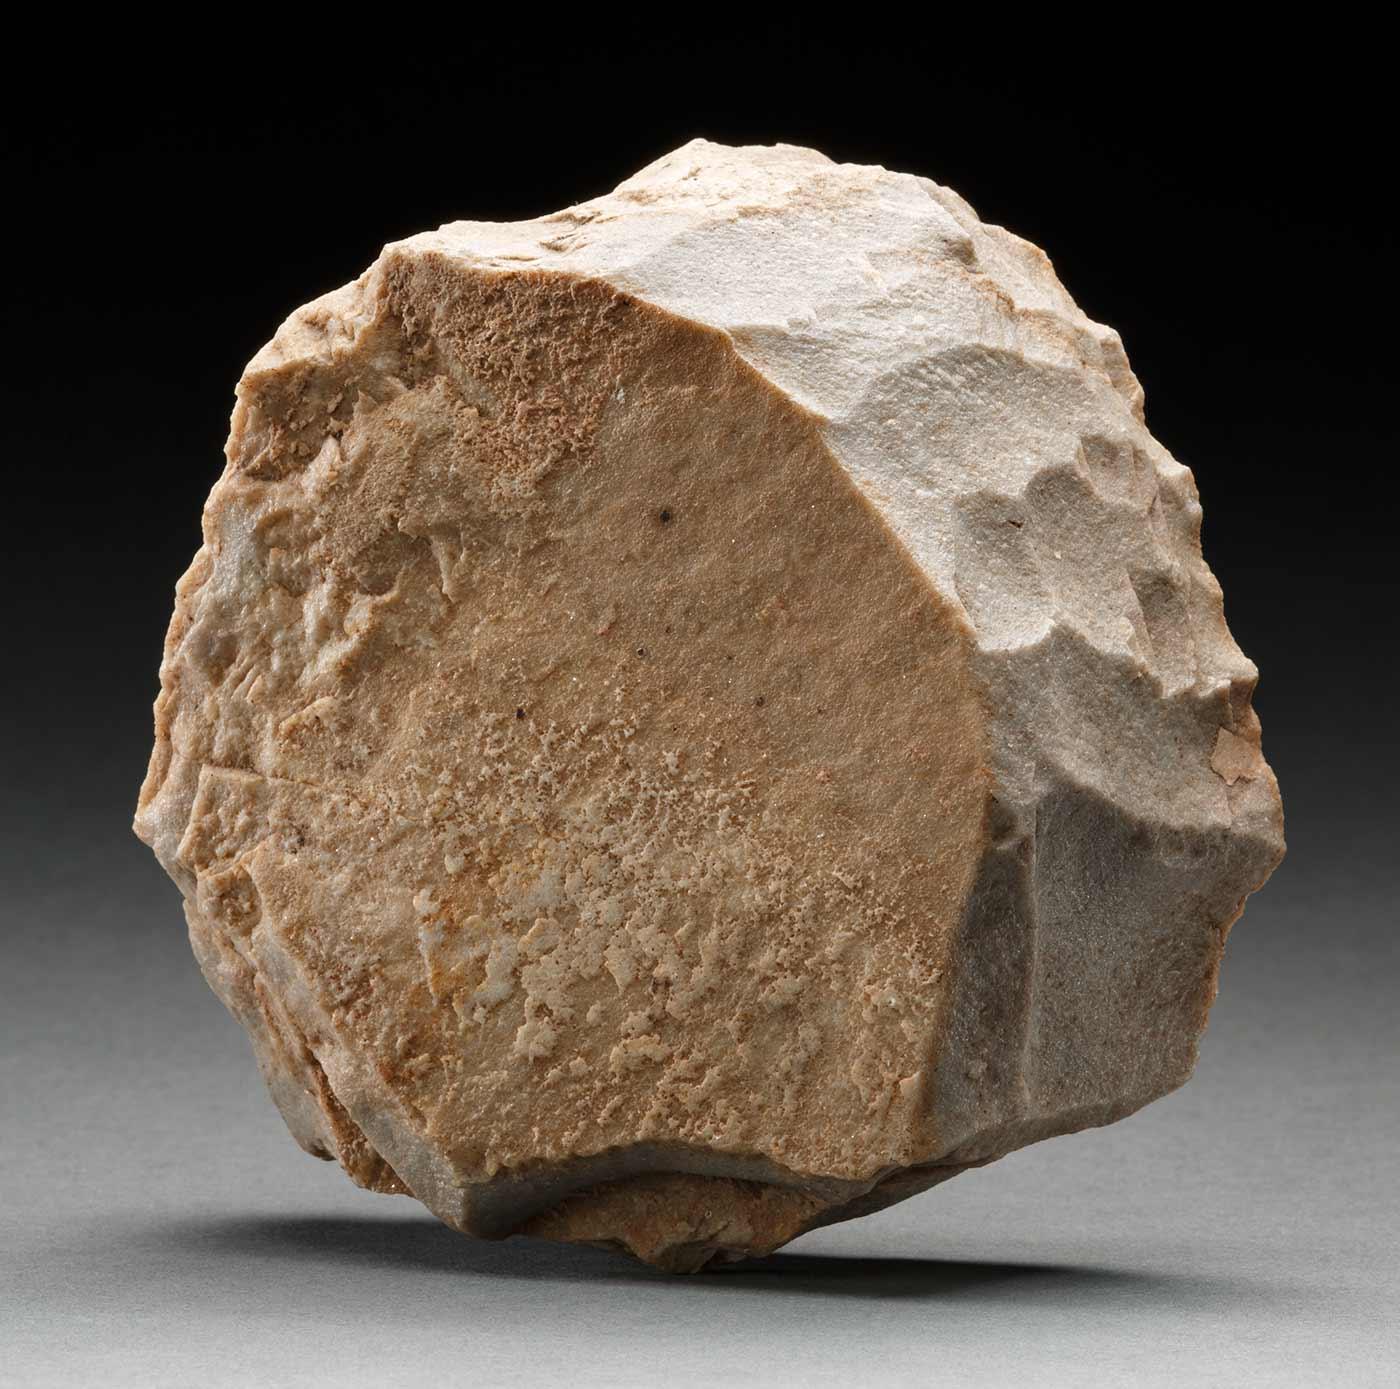 Quartzite stone core.